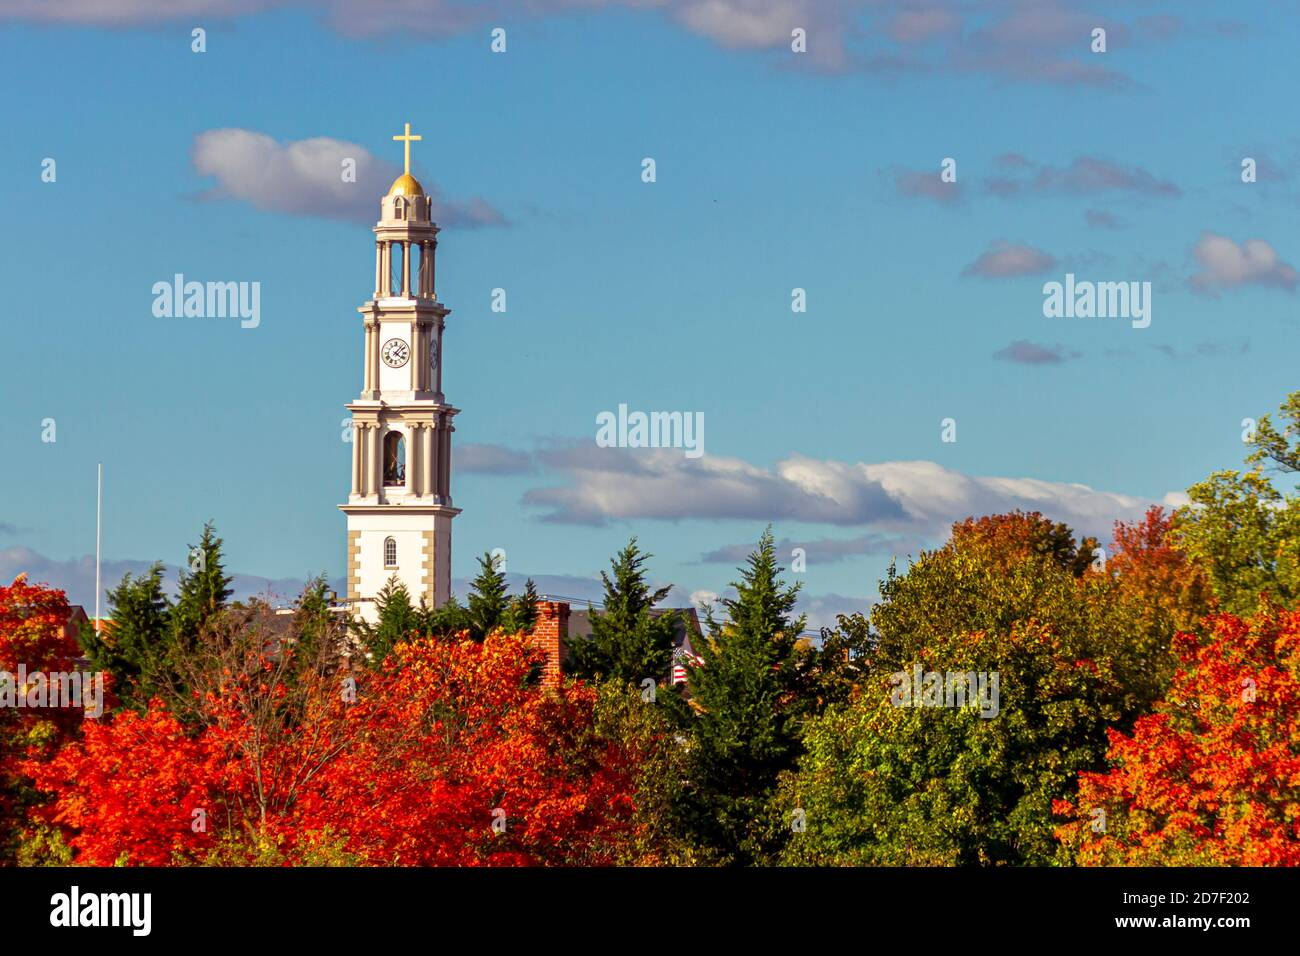 Une vue panoramique de Frederick lors d'un après-midi ensoleillé en automne. Le plus haut bâtiment de la ville (clocher de l'église catholique Saint-Jean-Évangéliste) tours a Banque D'Images